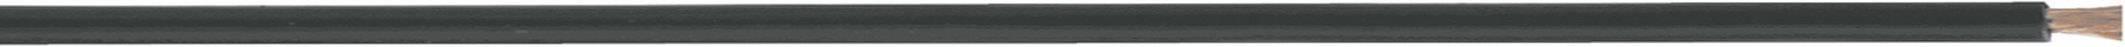 Merací vodič LappKabel 4560033S LiFY, 1 x 1.50 mm², vonkajší Ø 3.70 mm, metrový tovar, čierna